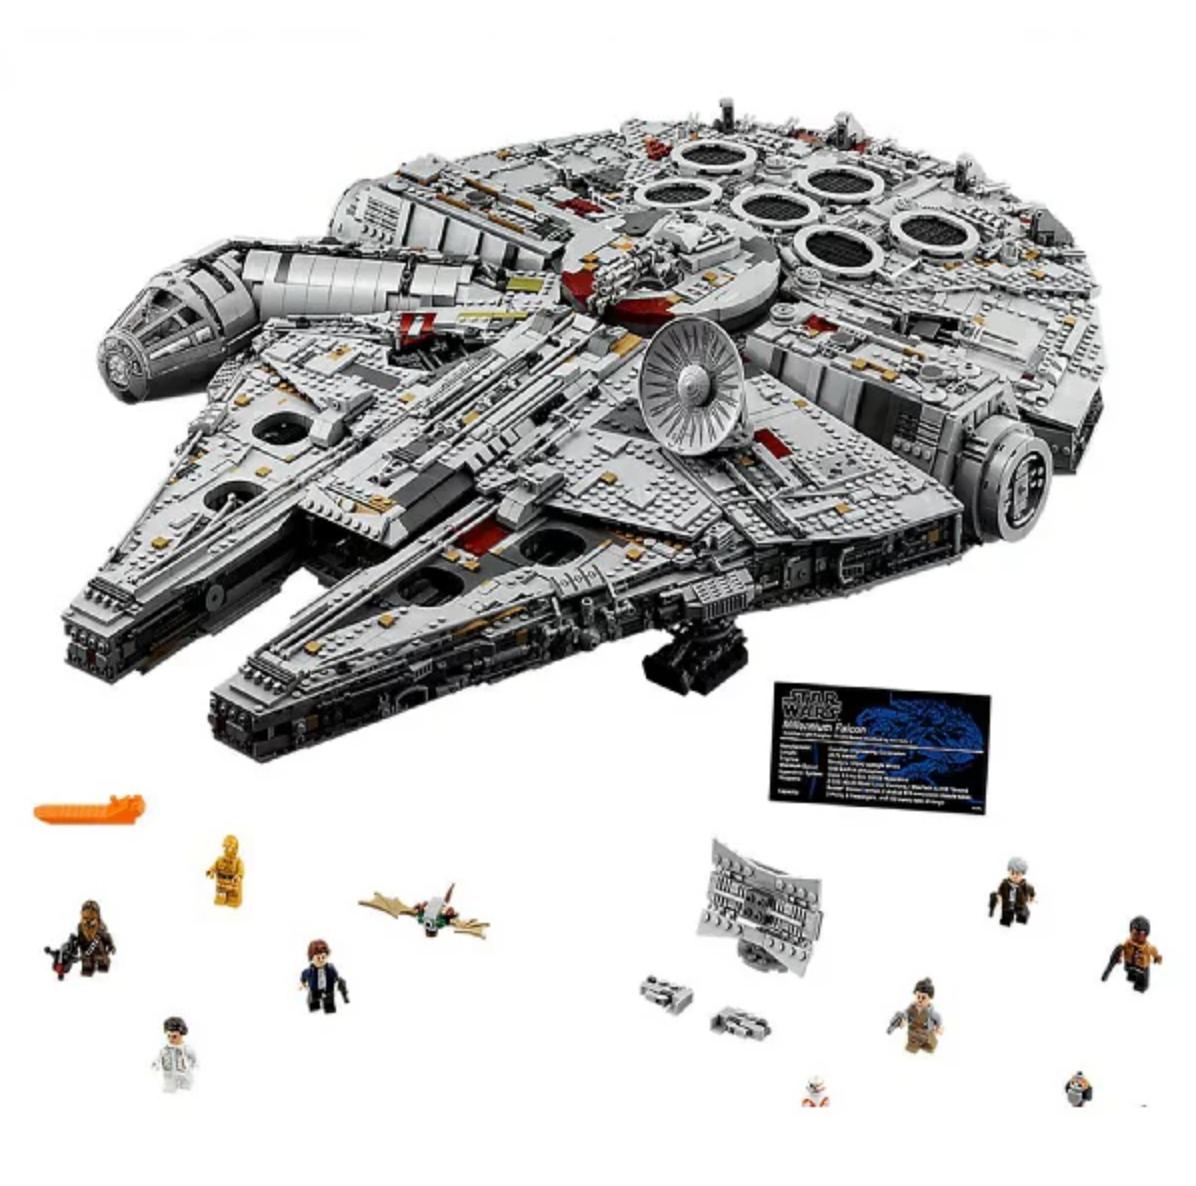 LEGO ミレニアム・ファルコン